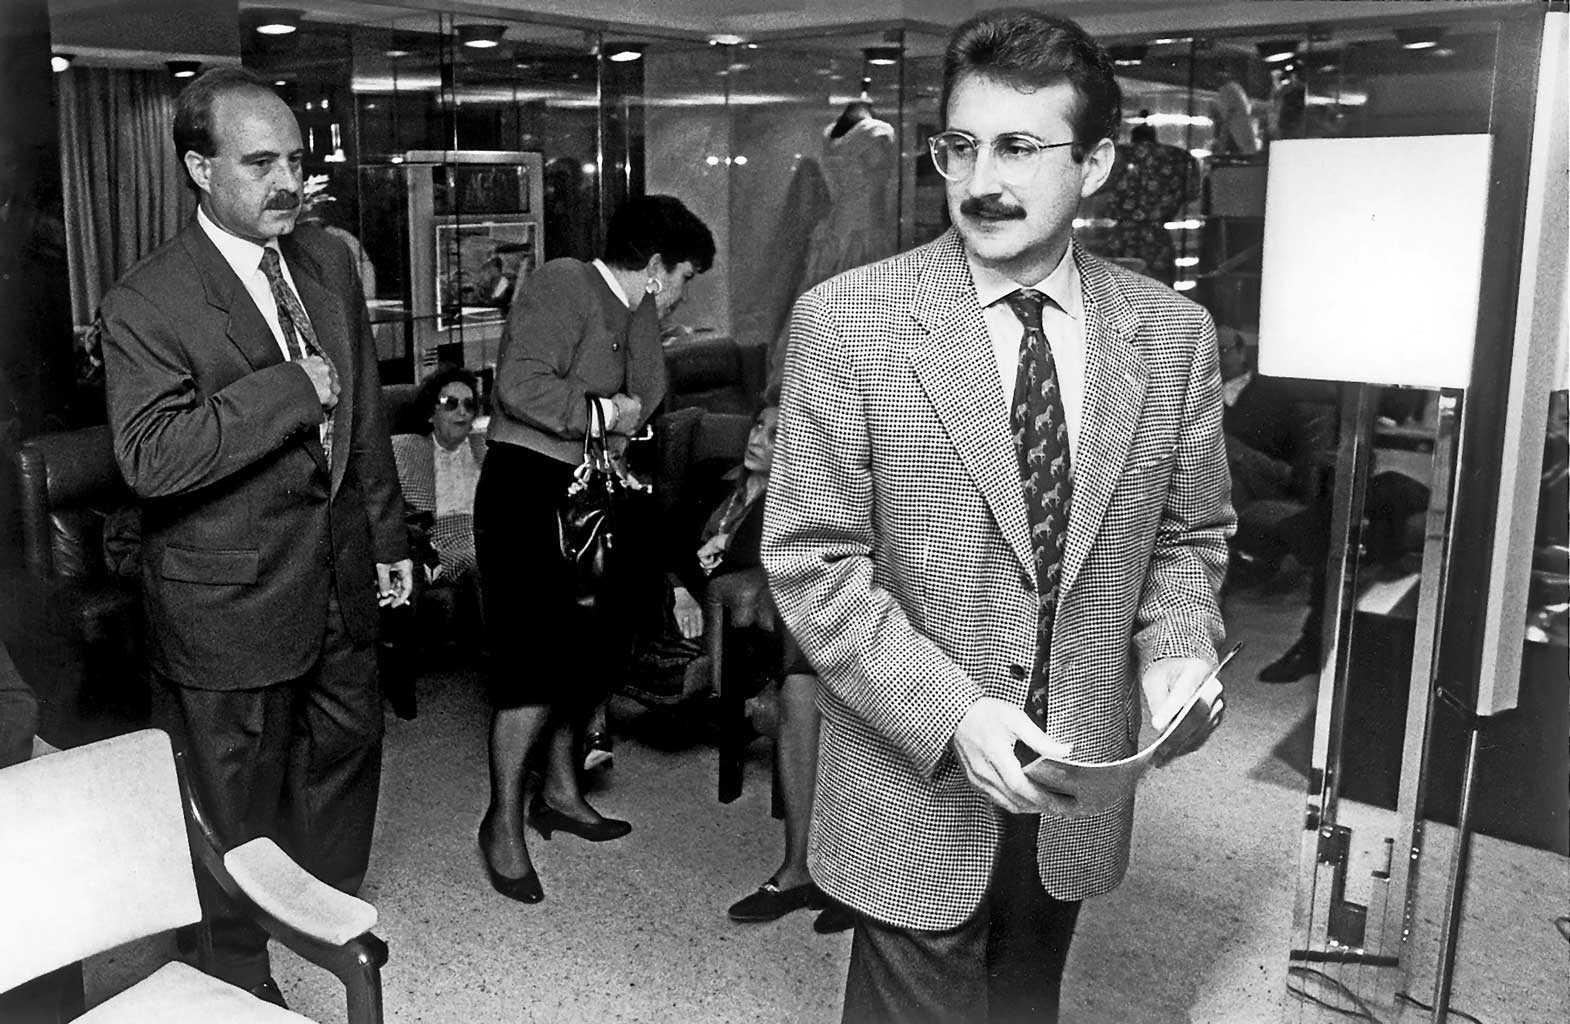 Enrique Fajarnés, en aquel entonces alcalde de Eivissa, pronunció la conferencia inaugural el 22 de abril de 1993, acompañado de María Luisa Cava de Llano que, años después, llegaría a ser Defensora del Pueblo. Rafa Domínguez